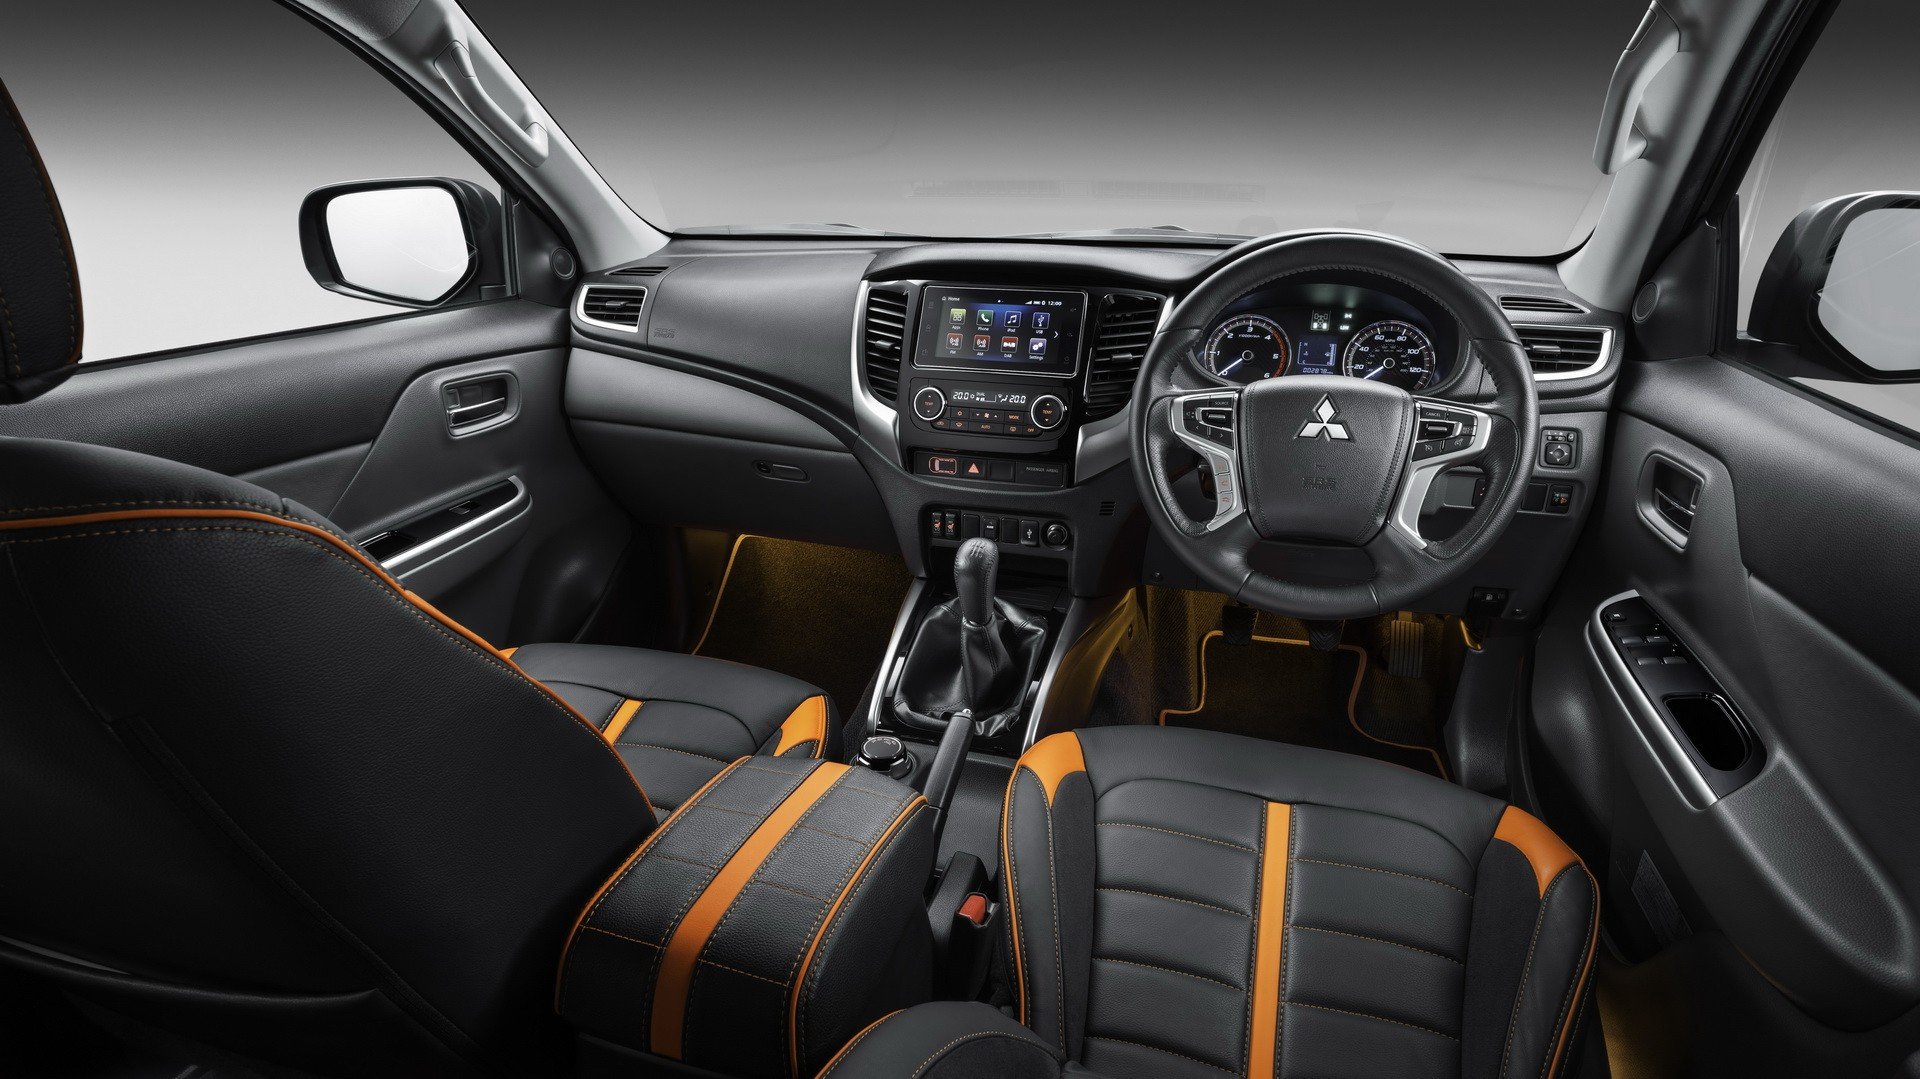 Thị trường xe - Mitsubishi tung pick-up bản 'độc' giá gần 1 tỷ đồng (Hình 6).